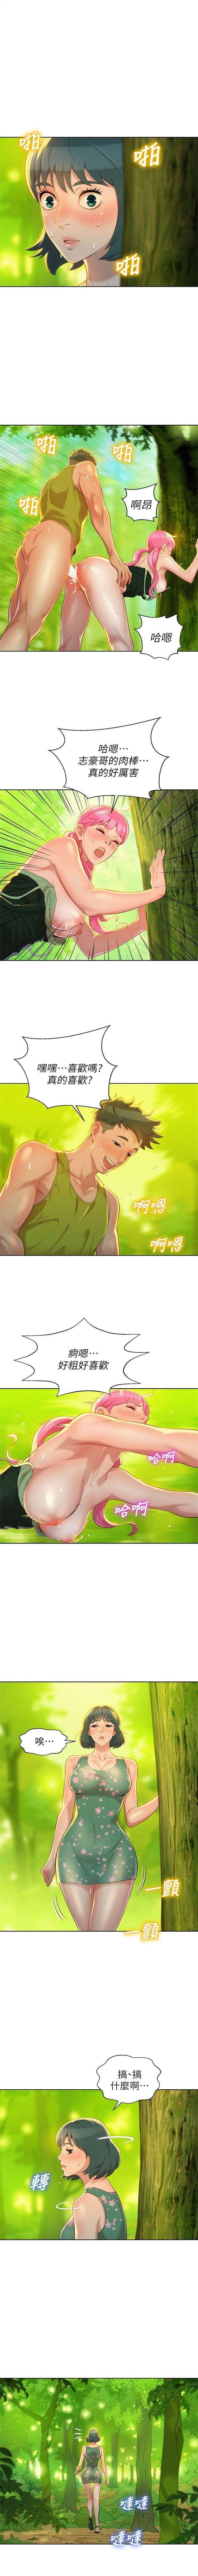 (週7)漂亮幹姐姐  1-92 中文翻譯 (更新中) 98